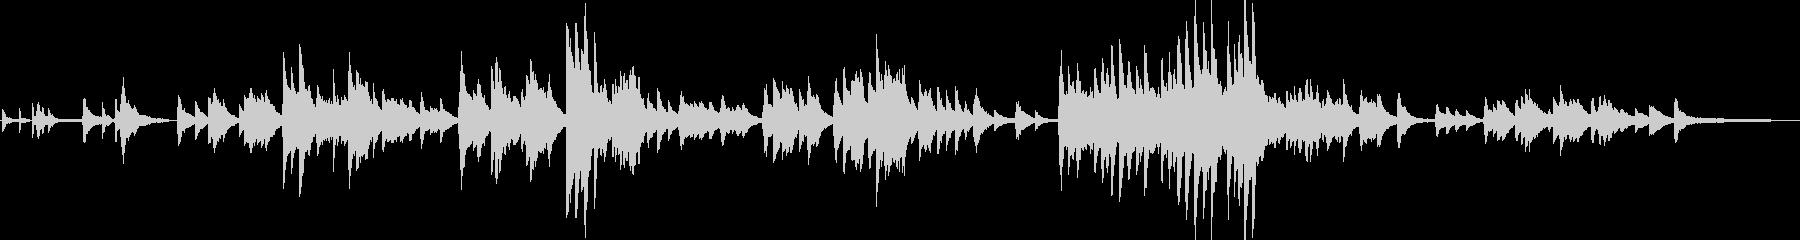 ノスタルジックで優しく美しいピアノソロの未再生の波形